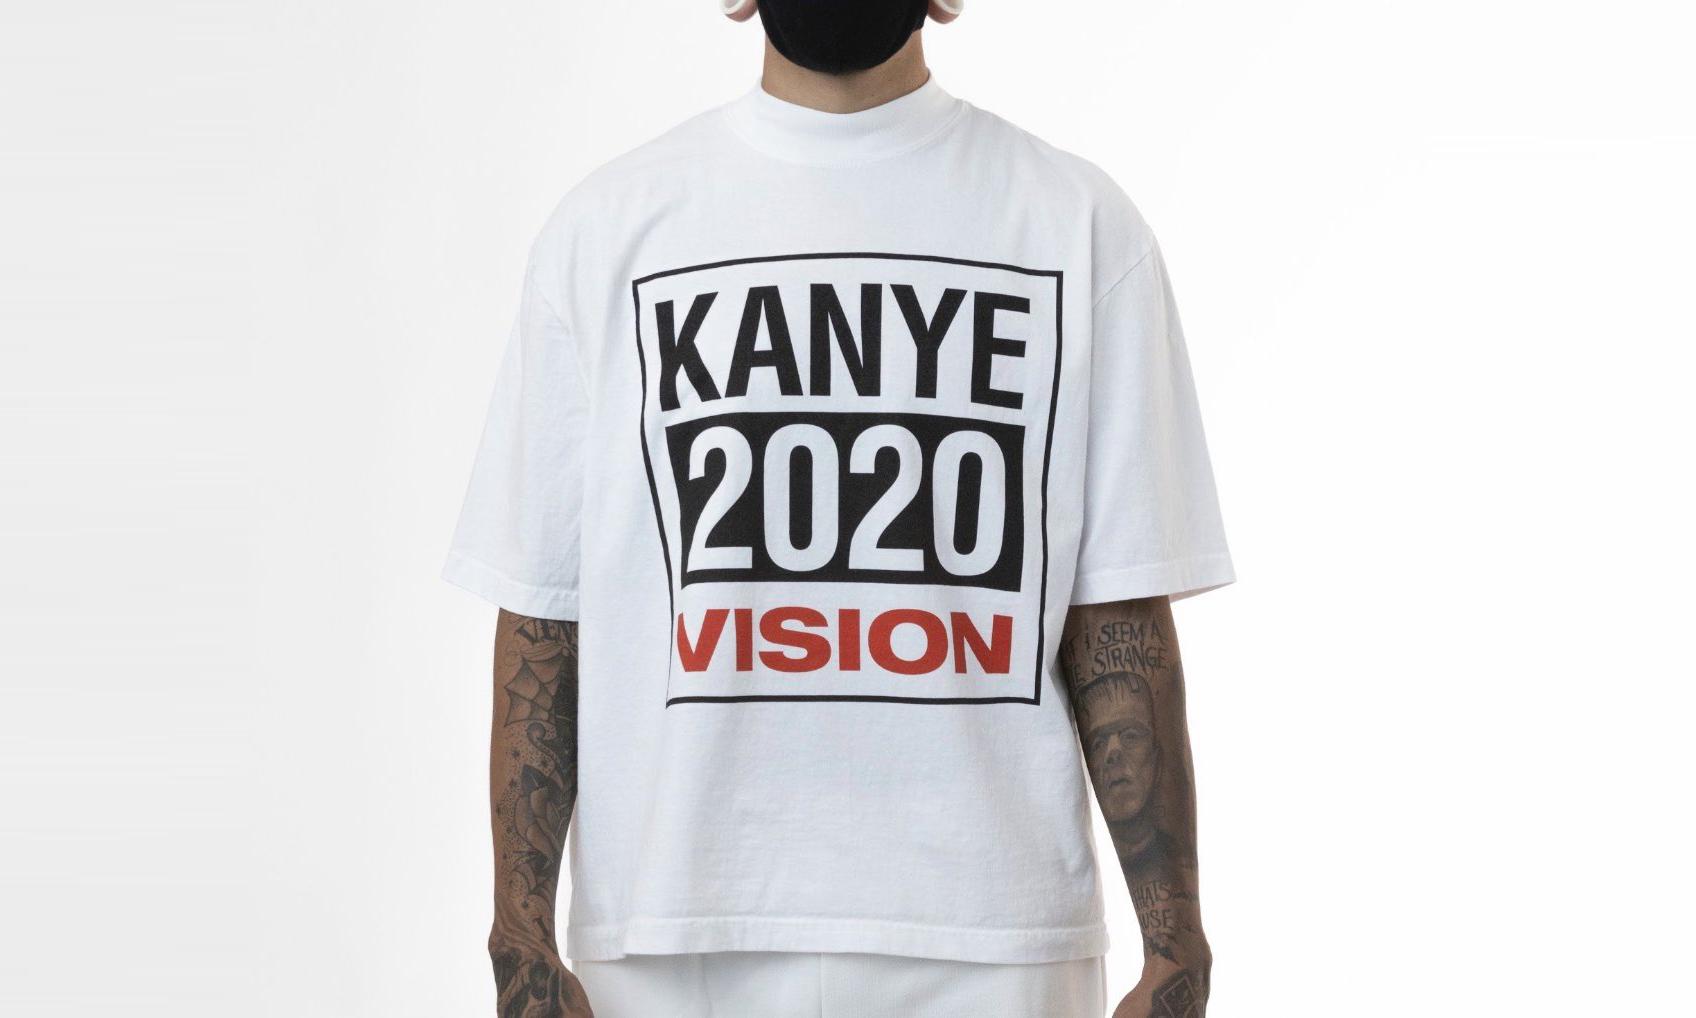 仍旧未放弃,Kanye West 晒出总统竞选周边